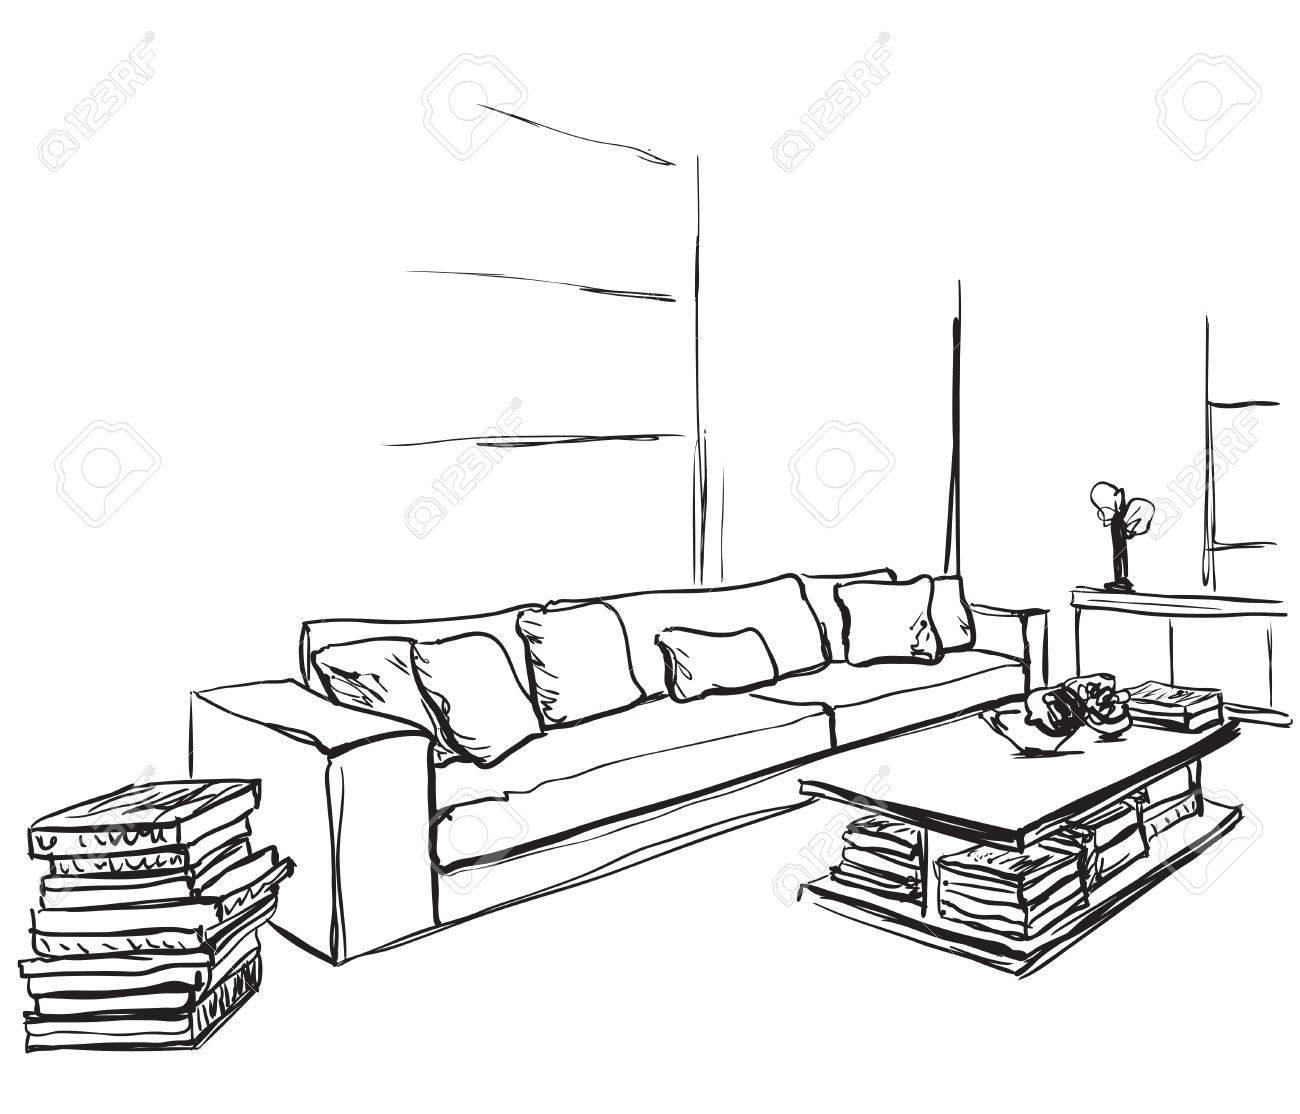 Dibujado Y Croquis Ventana Habitación Mano InteriorSilla Yg6fy7b